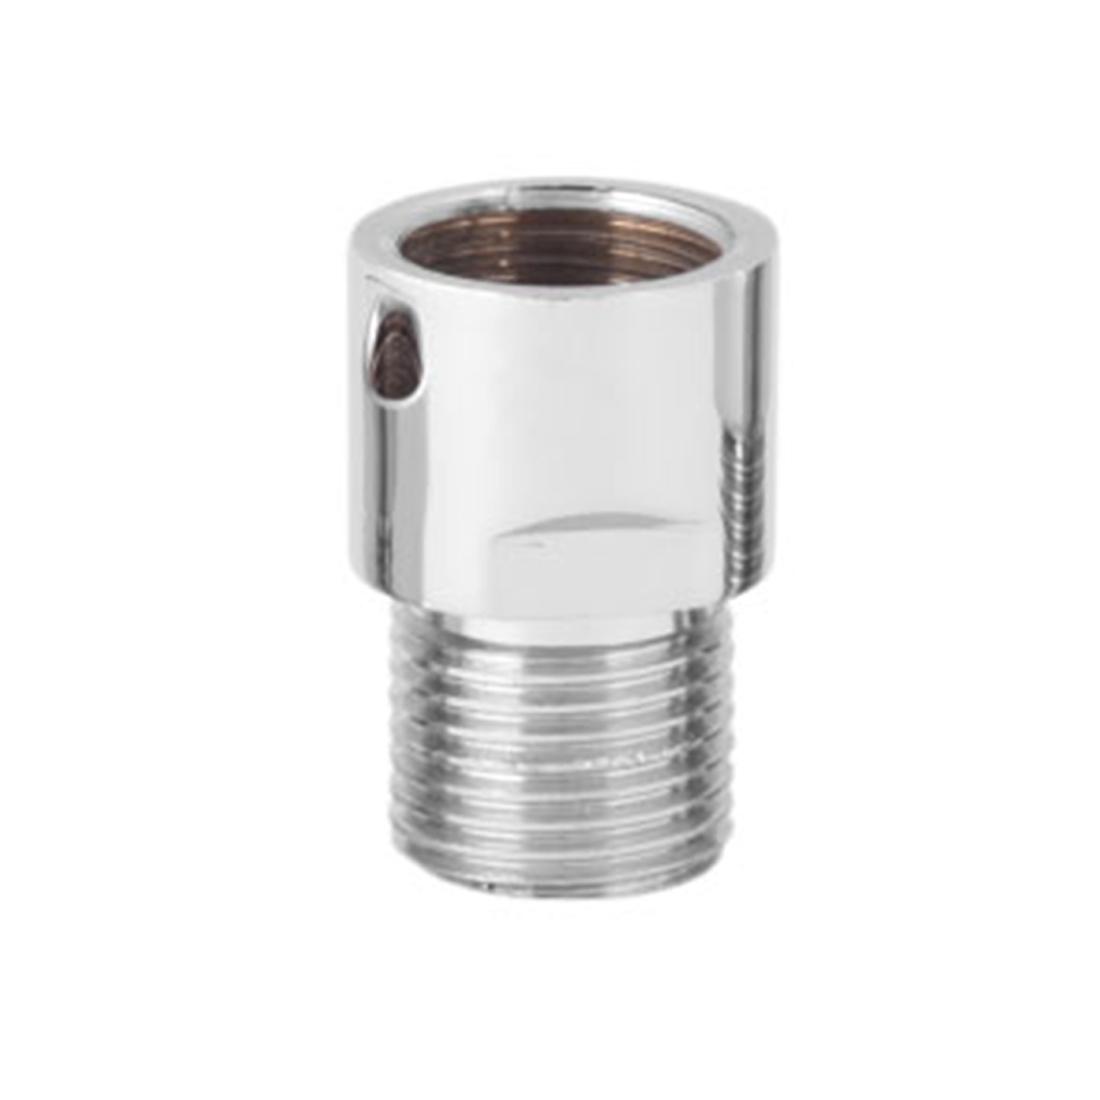 Kerovit KA970004 Extension Nipple